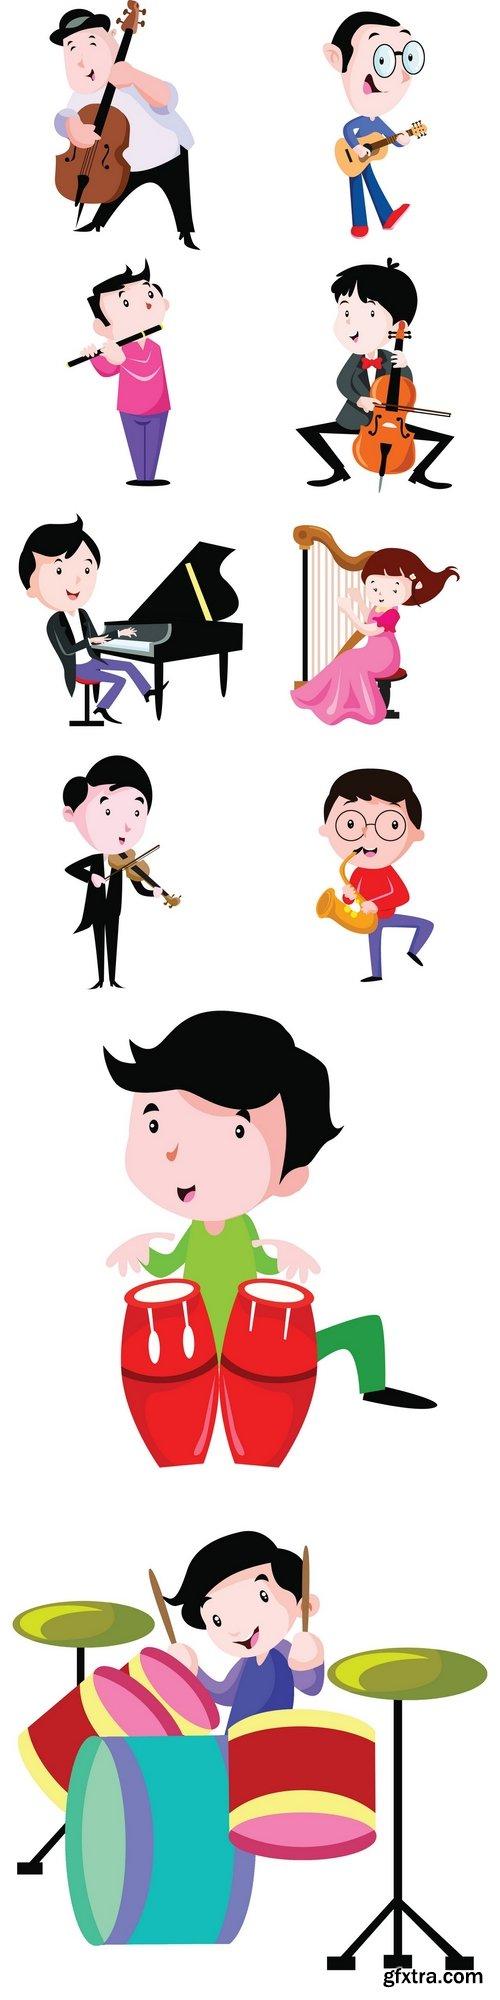 Musician play music instrument illustration vector